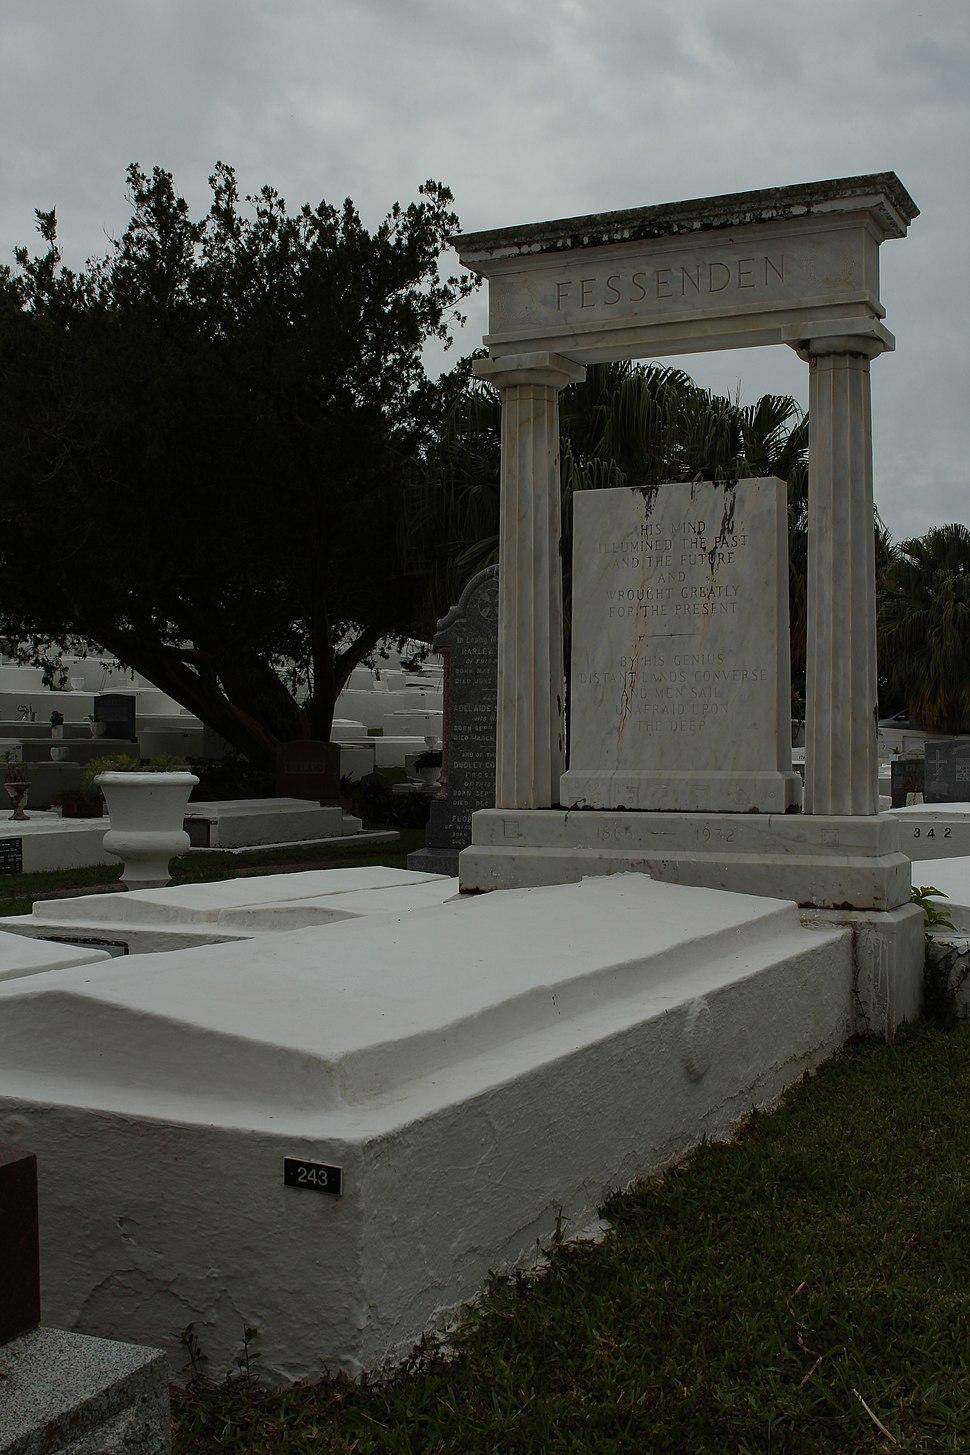 Reginald Aubrey Fessenden's gravesite June 2012